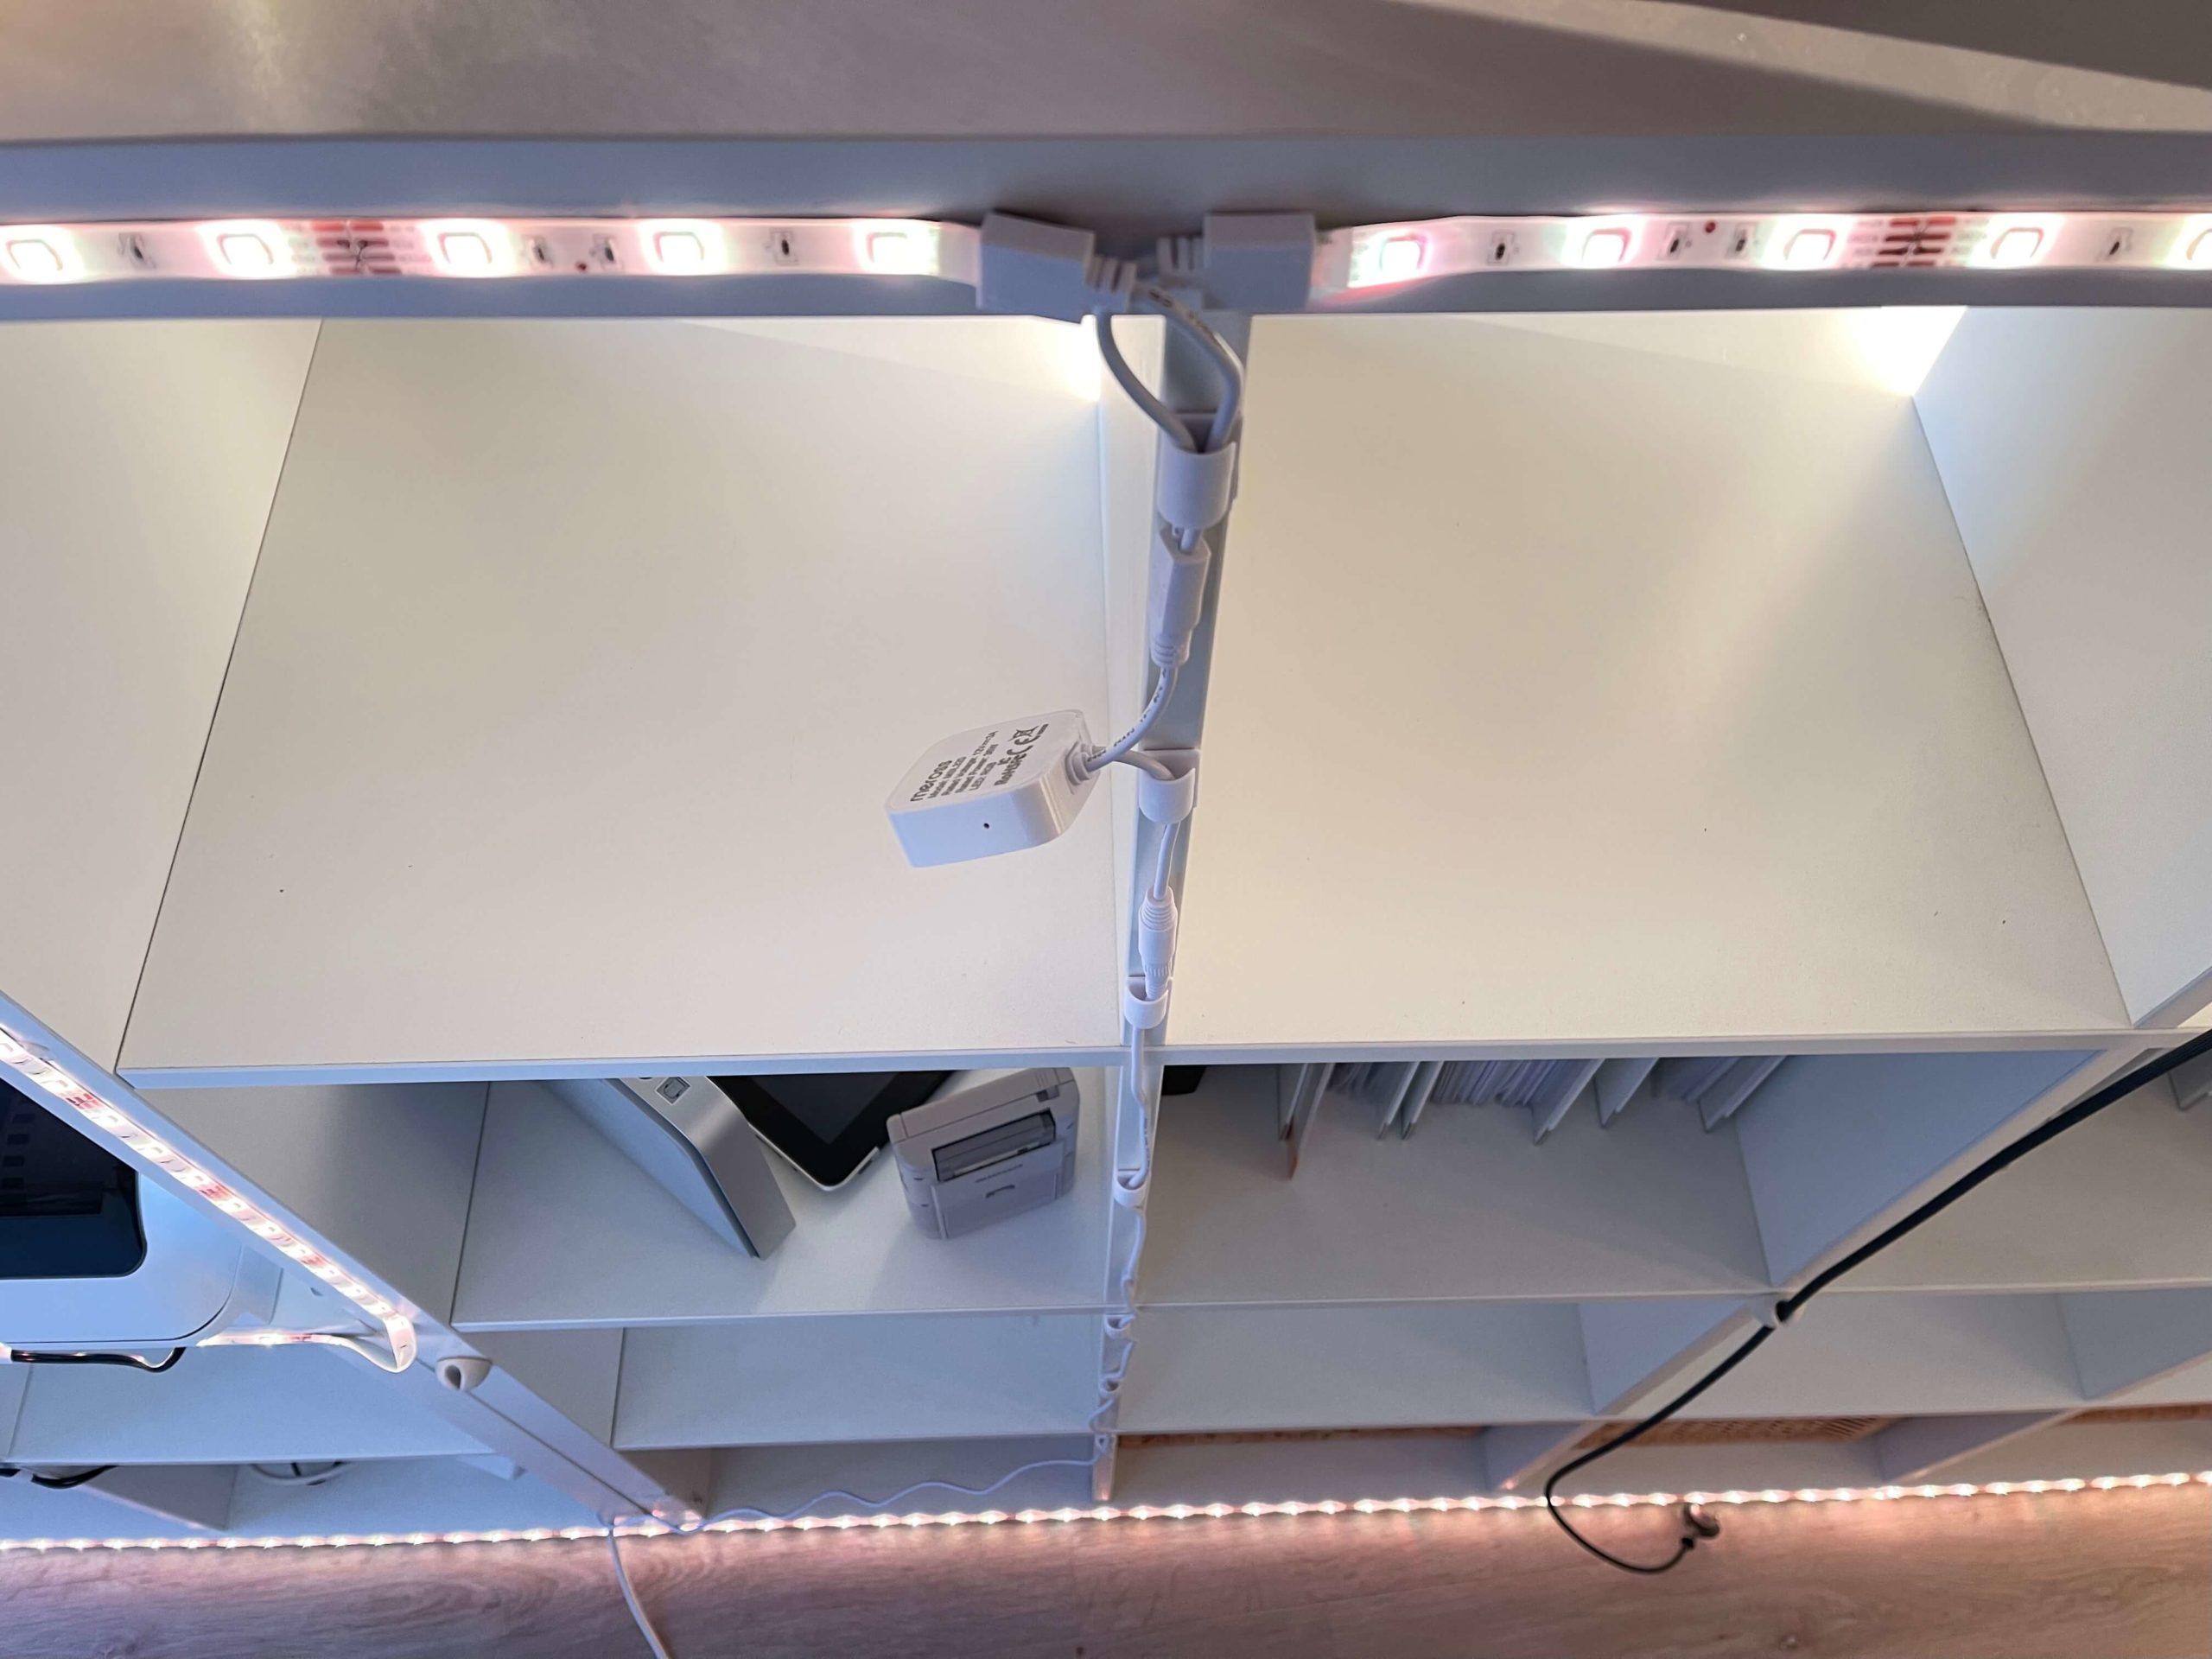 10-Meter-Apple-HomeKit-LED-Leuchtstreifen-von-Meross-gemuetliches-Akzentlicht2-scaled 10 Meter Apple HomeKit LED-Leuchtstreifen von Meross - gemütliches Akzentlicht